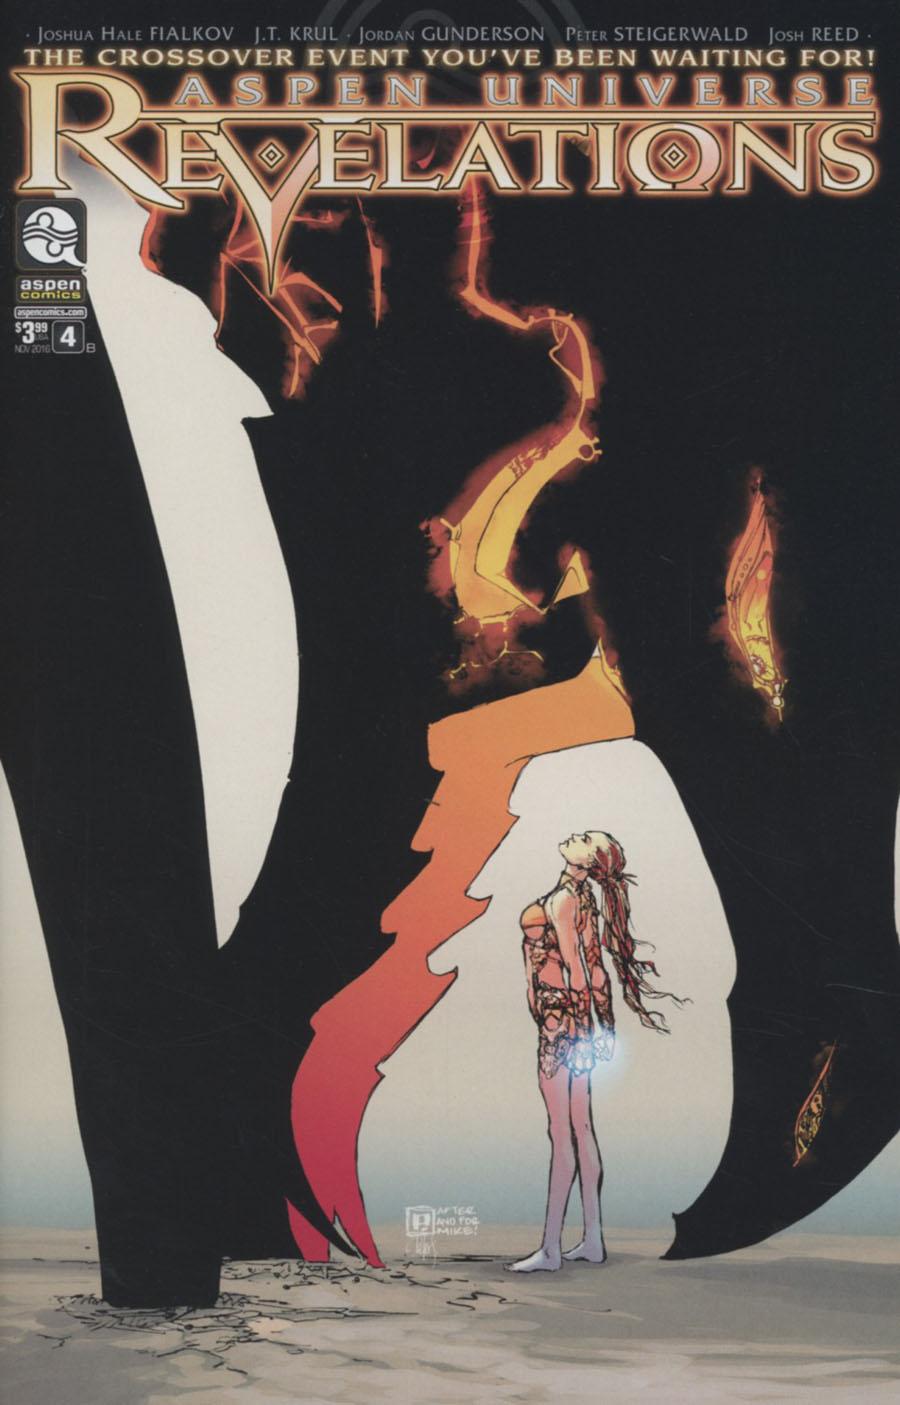 Aspen Universe Revelations #4 Cover B Variant Peter Steigerwald Cover